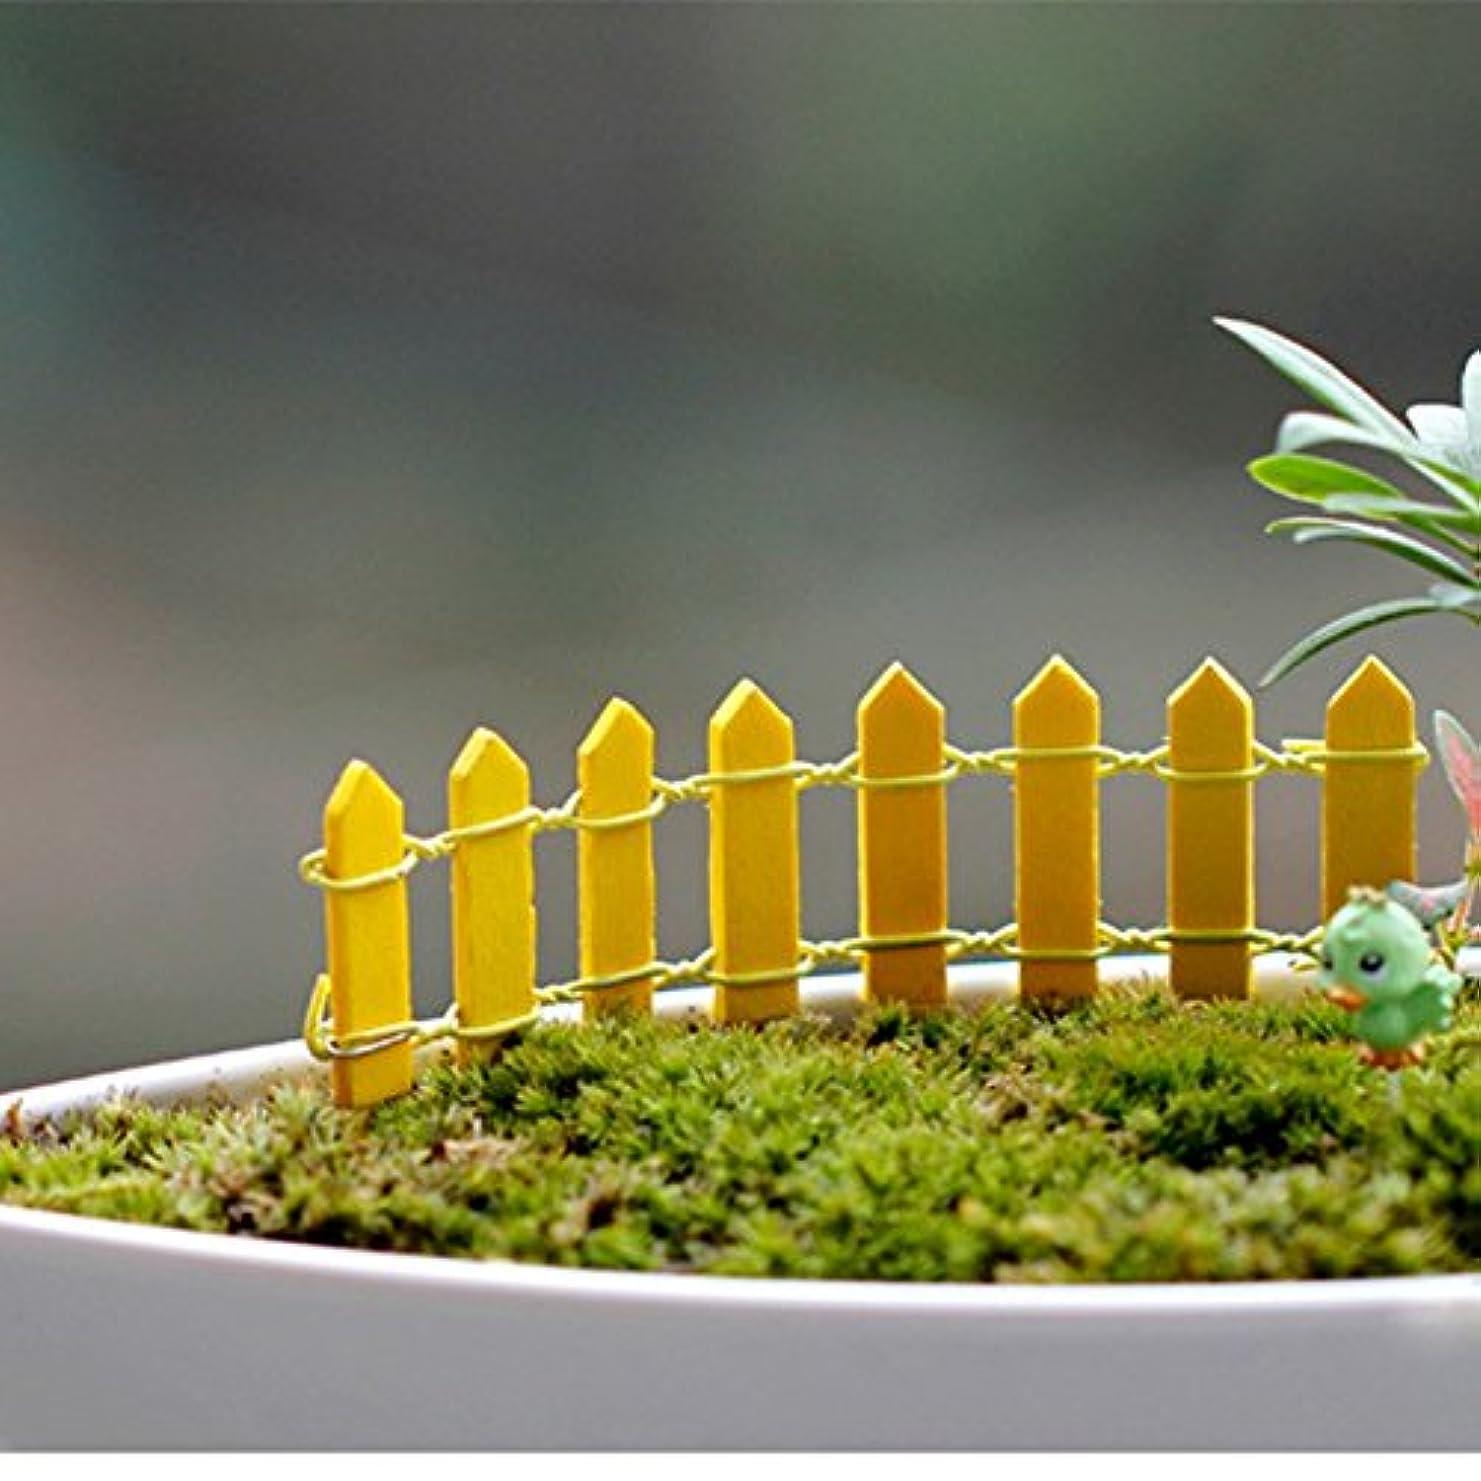 ペット望まない見物人Jicorzo - 20個DIY木製の小さなフェンスモステラリウム植木鉢工芸ミニおもちゃフェアリーガーデンミニチュア[イエロー]